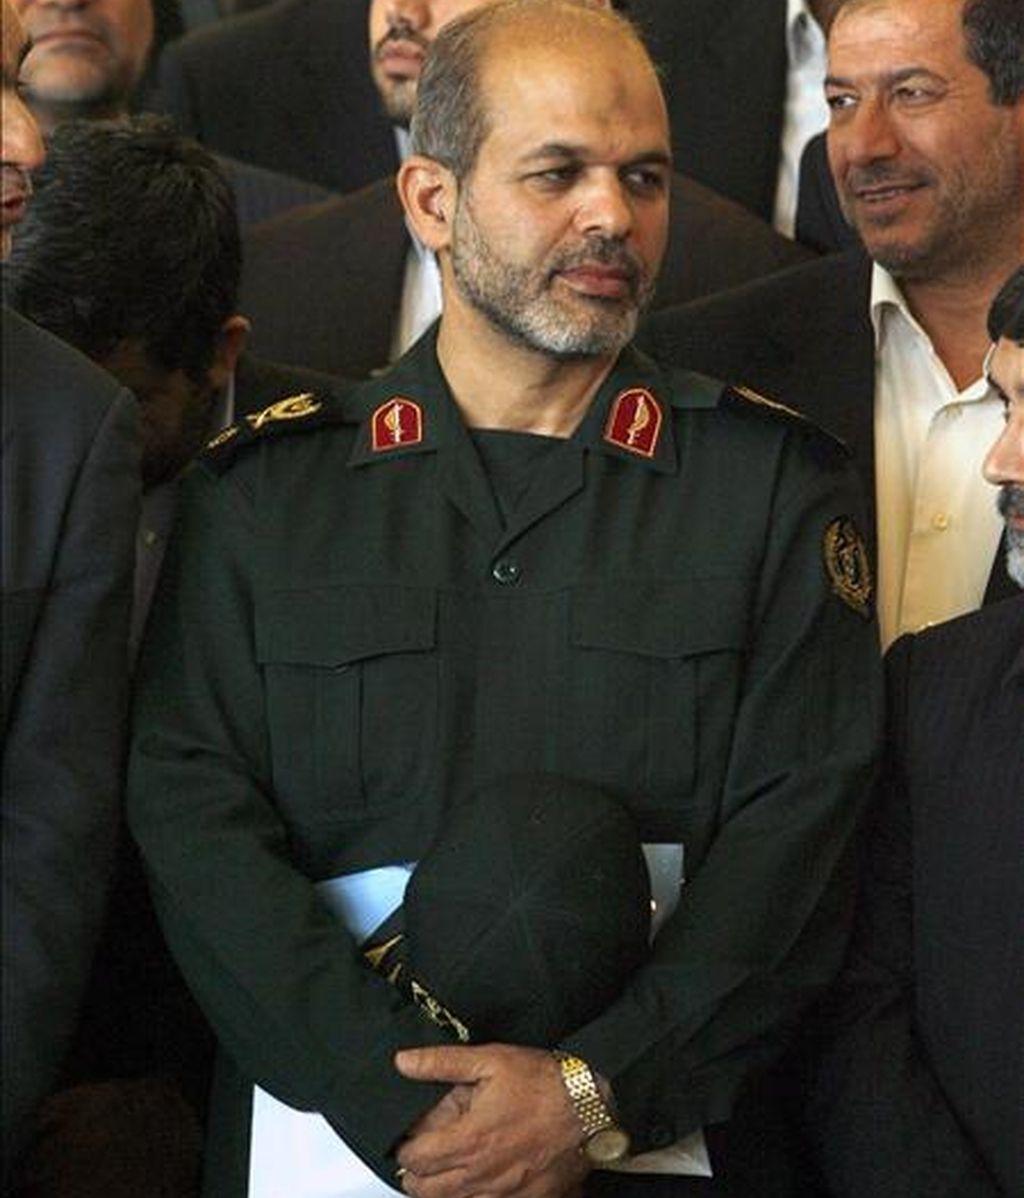 El ministro de Defensa iraní, Ahmad Vahidi, durante una rueda de prensa en el Parlamento de Teherán (Irán). EFE/Archivo